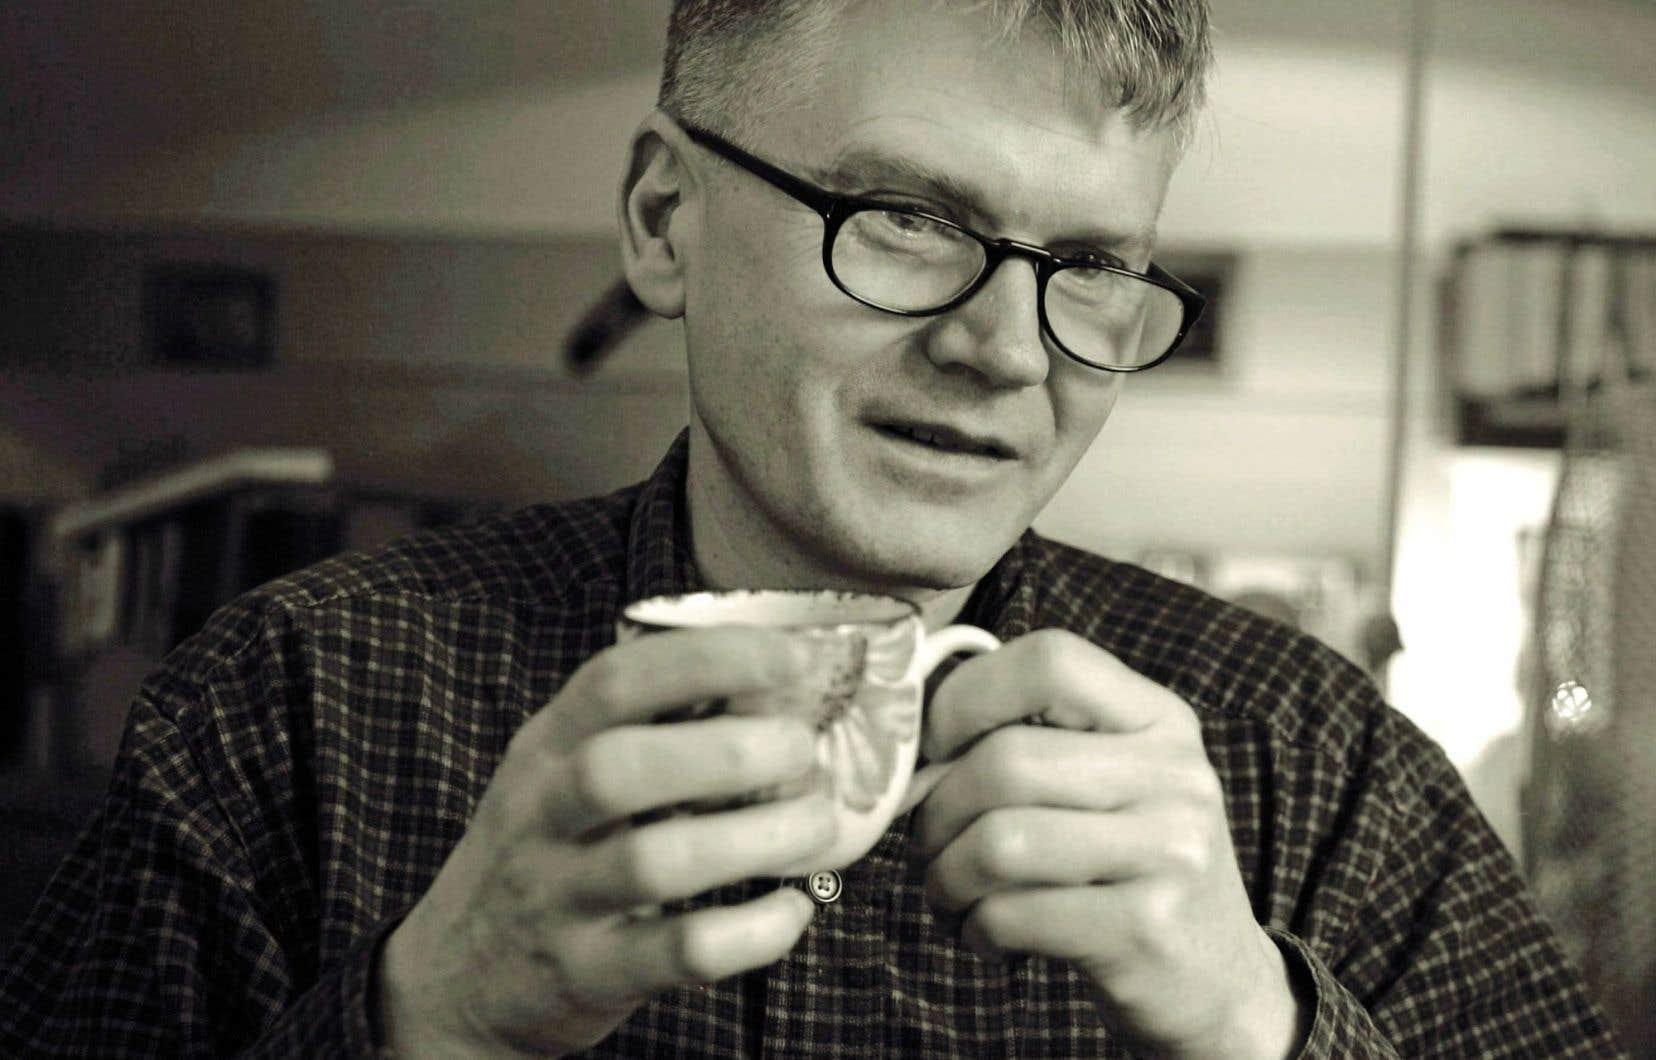 Gyrdir Eliasson